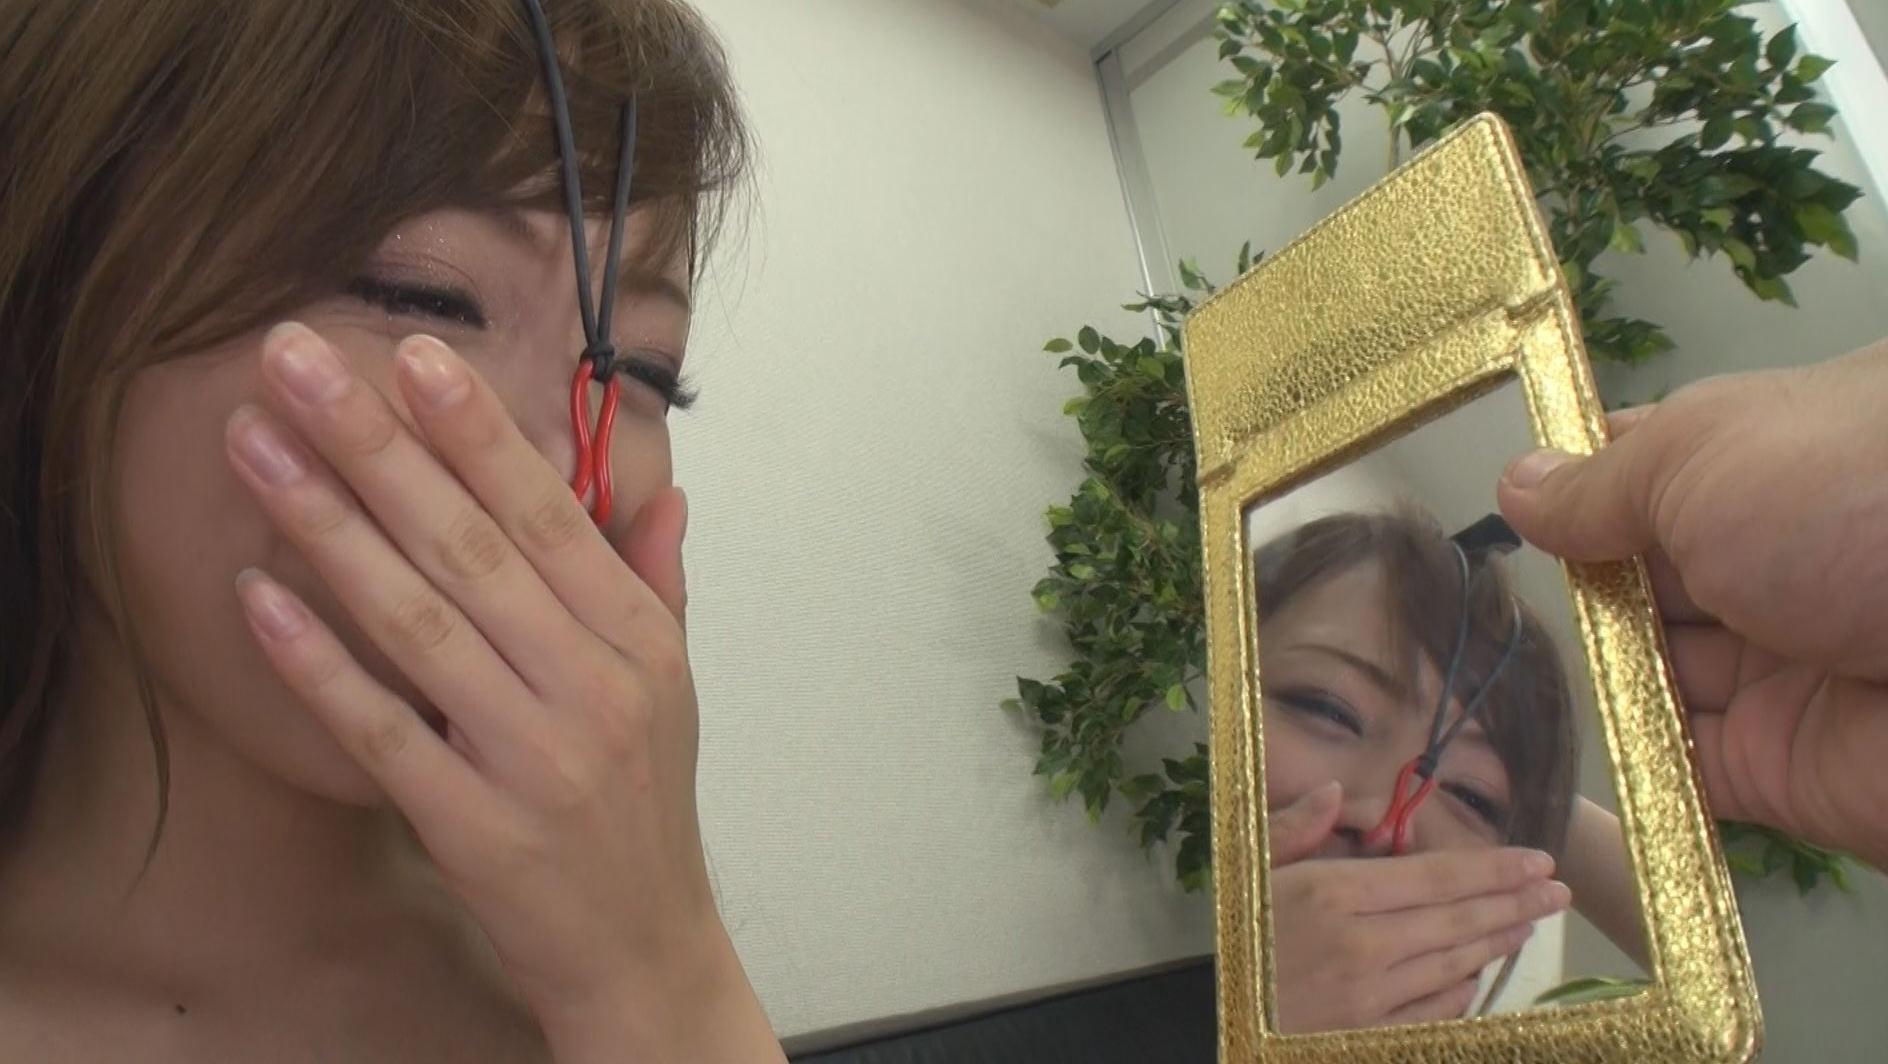 美顔羞恥 豚鼻フェラ 画像6